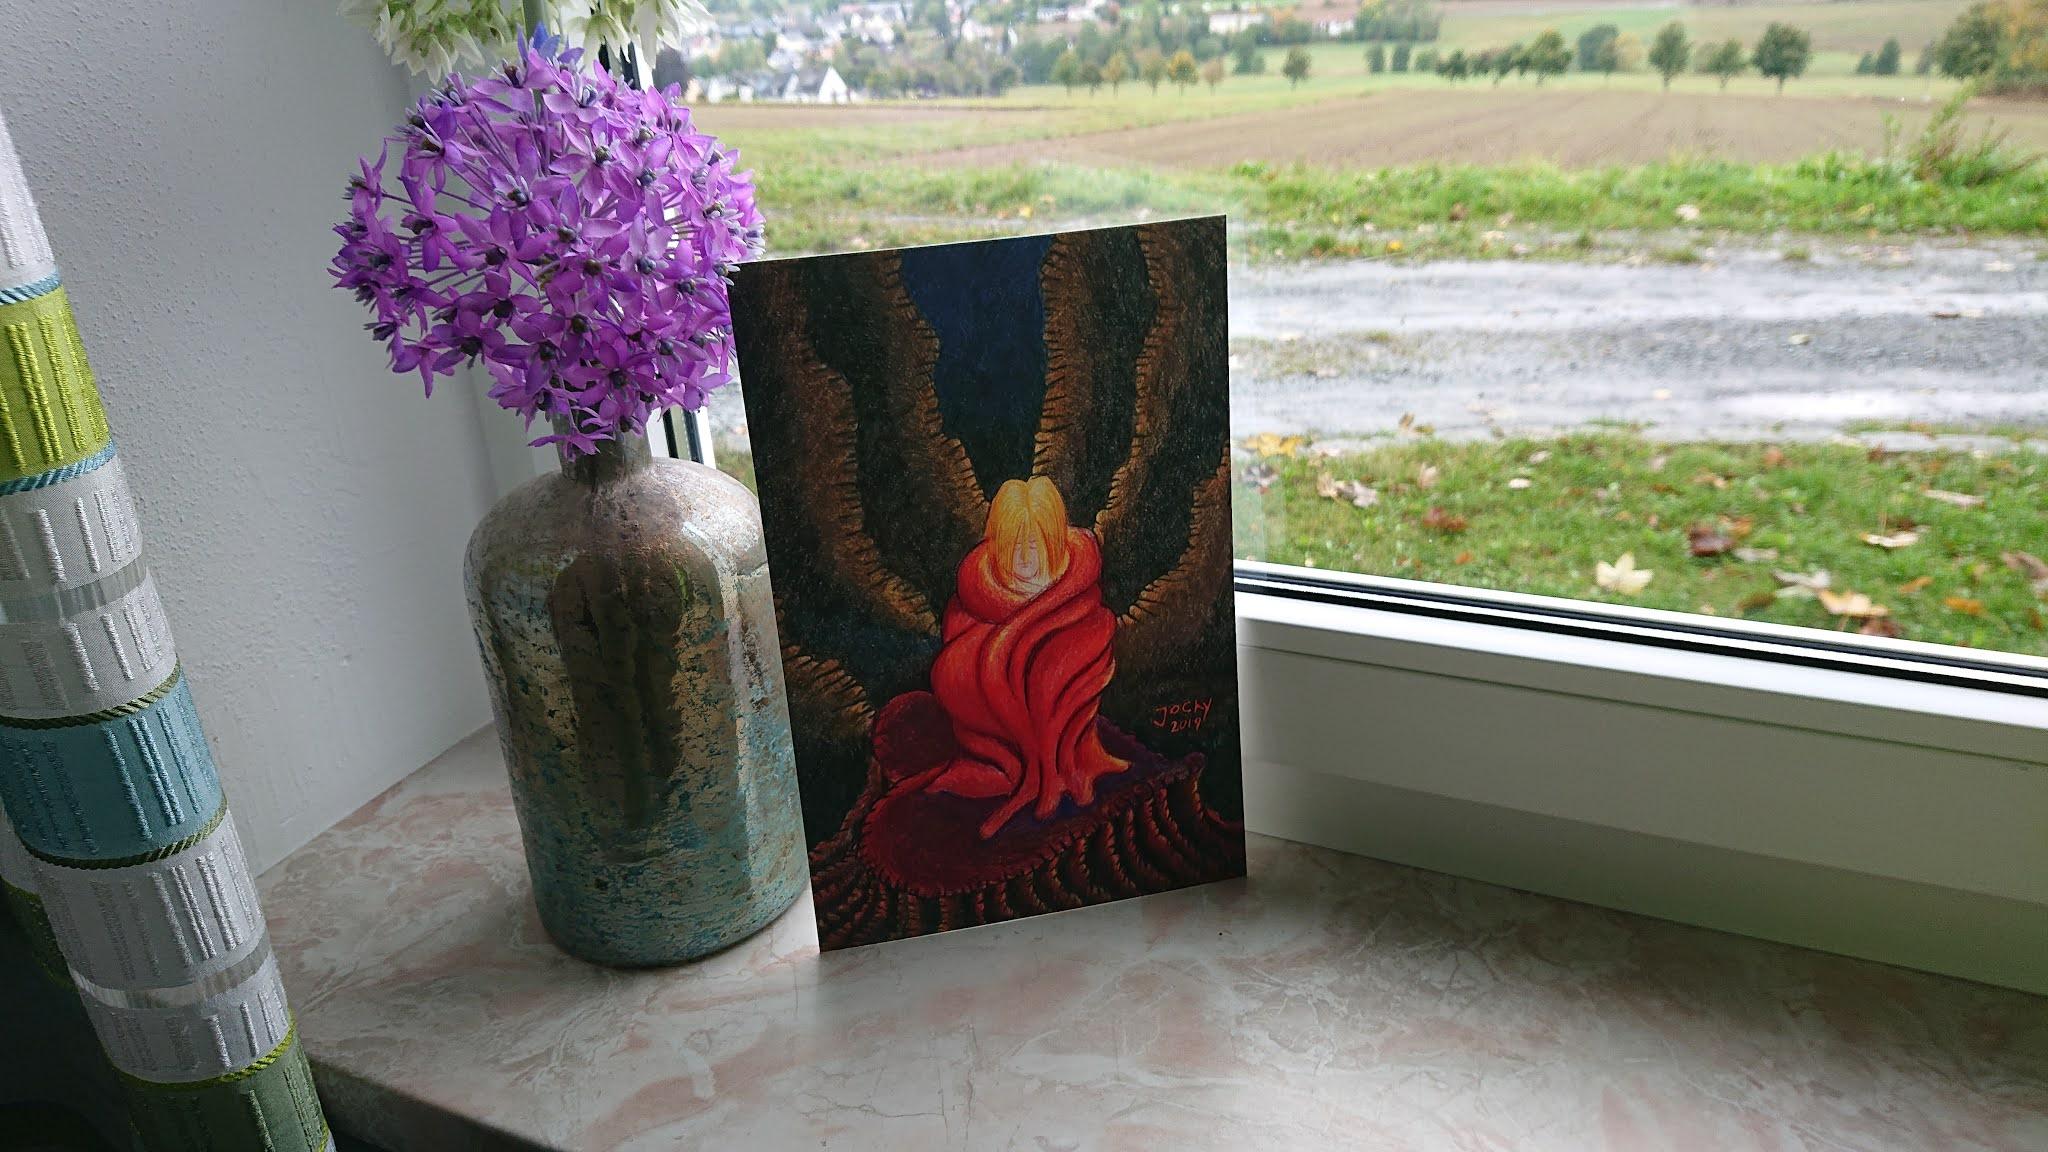 Kunstdruck: Umhüllt von der Liebe Gottes (Foto)